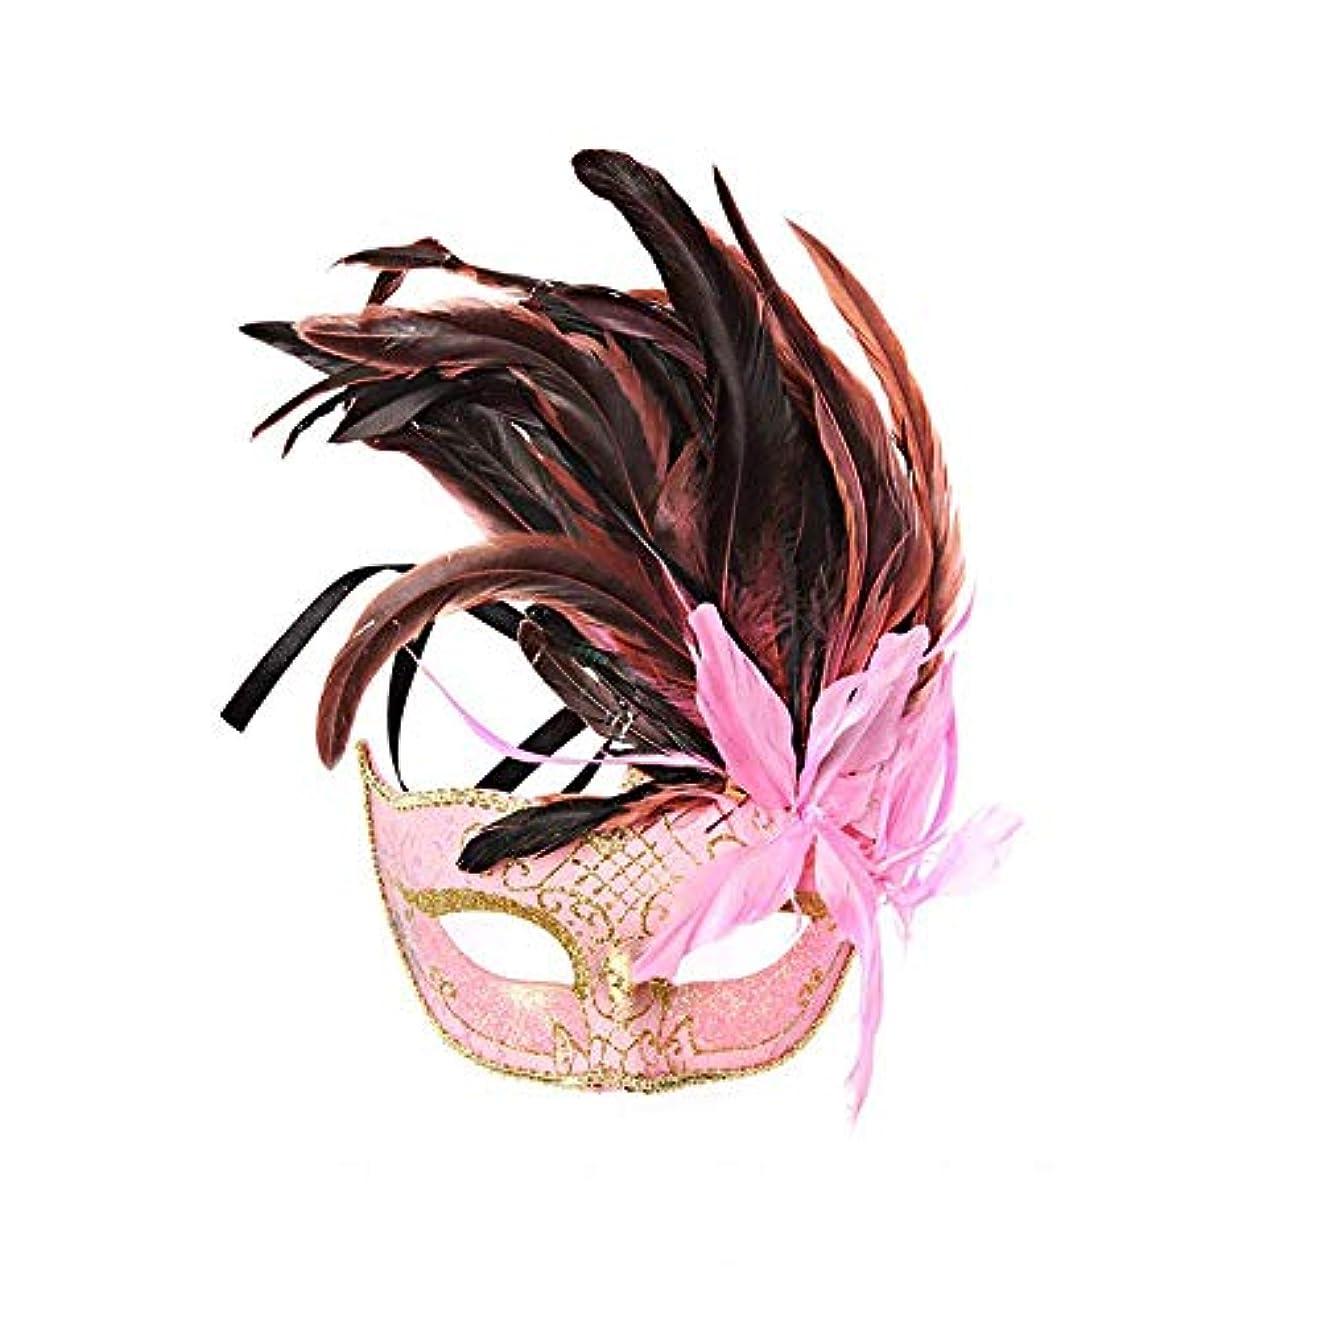 起訴する大破去るNanle ハロウィンマスクハーフフェザーマスクベニスプリンセスマスク美容レース仮面ライダーコスプレ (色 : Style A pink)